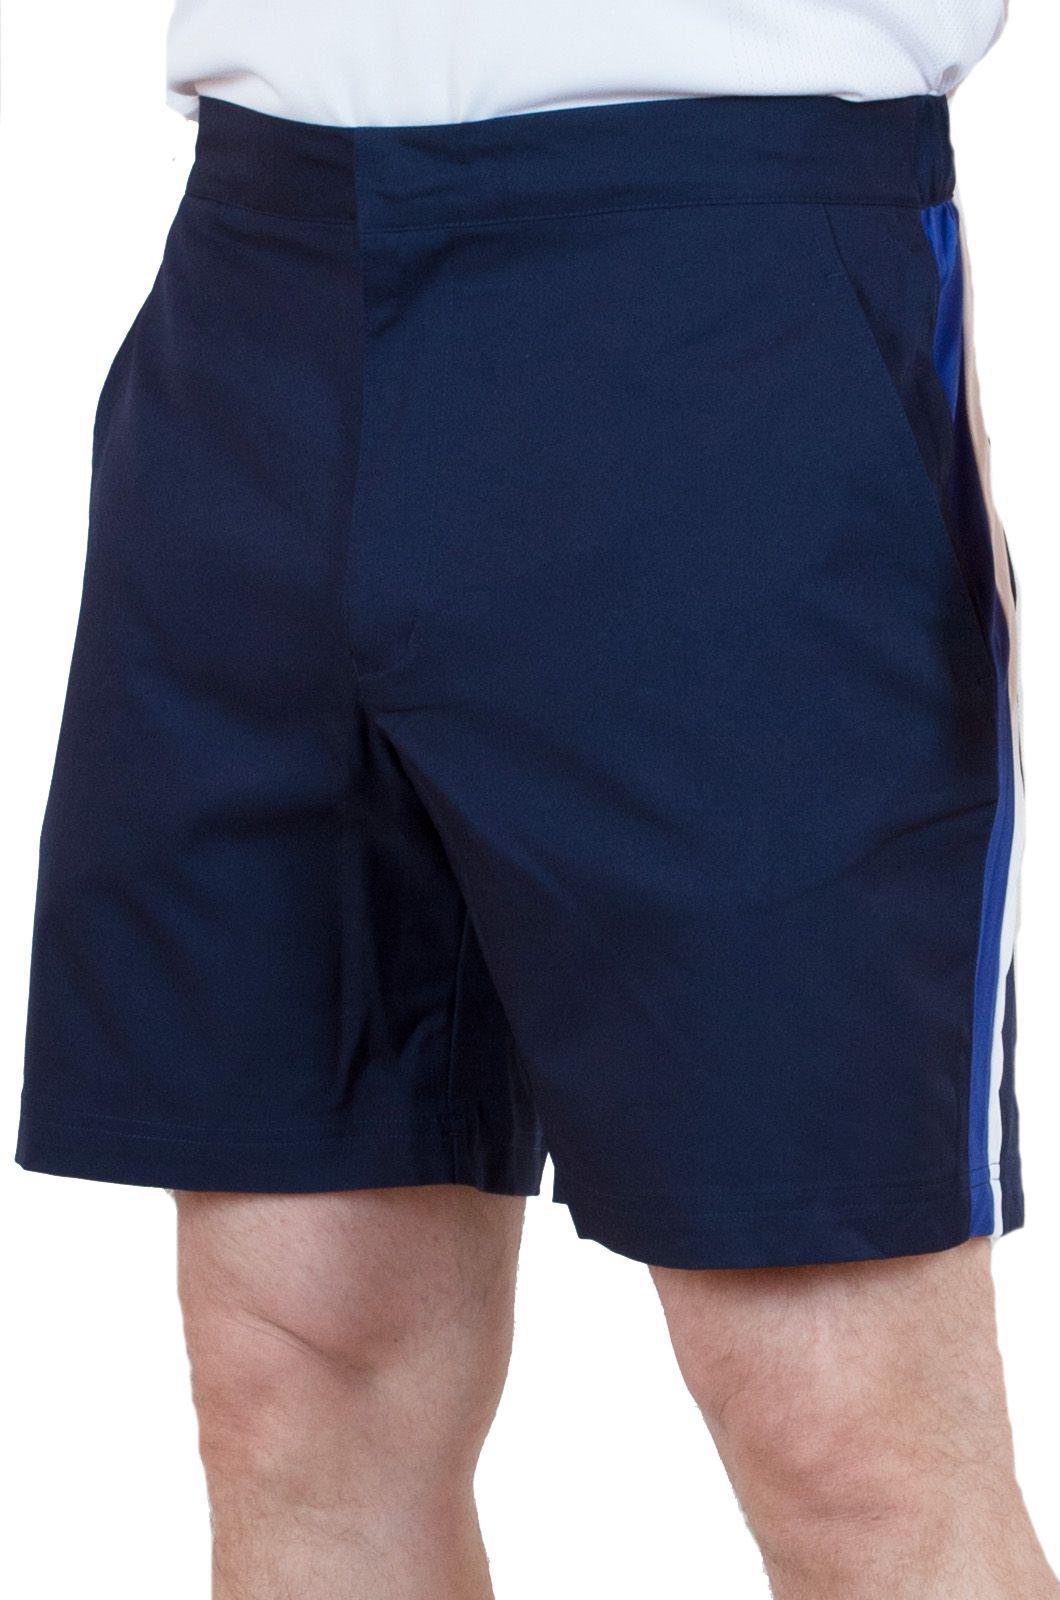 Синие шорты для мужчин с боковыми полосками